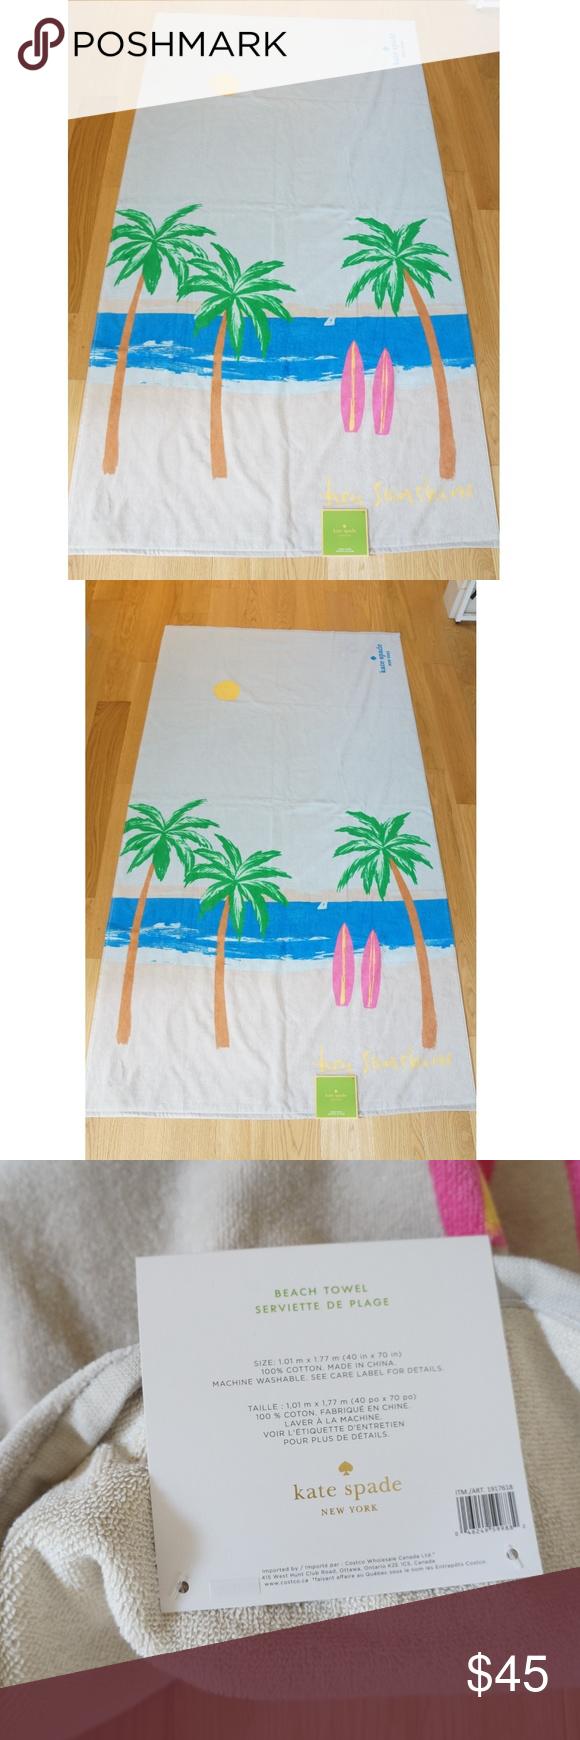 KATE SPADE ♠️ Huge XL Lounge Pool Beach Towel New authentic KATE SPADE ♠... - #Authentic #beach #Huge #KATE #Lounge #Pool #SPADE #towel